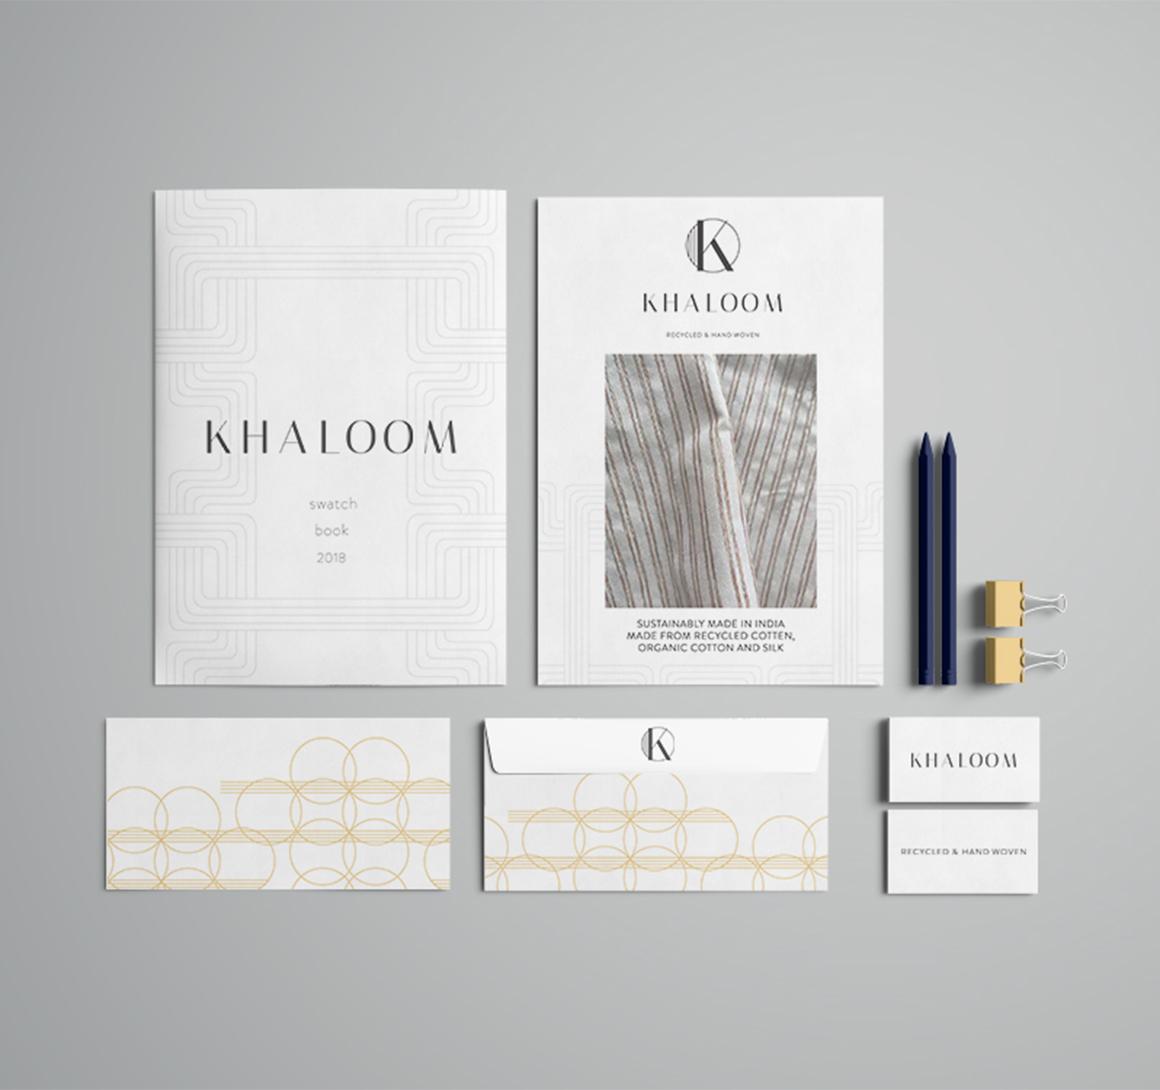 Khaloom